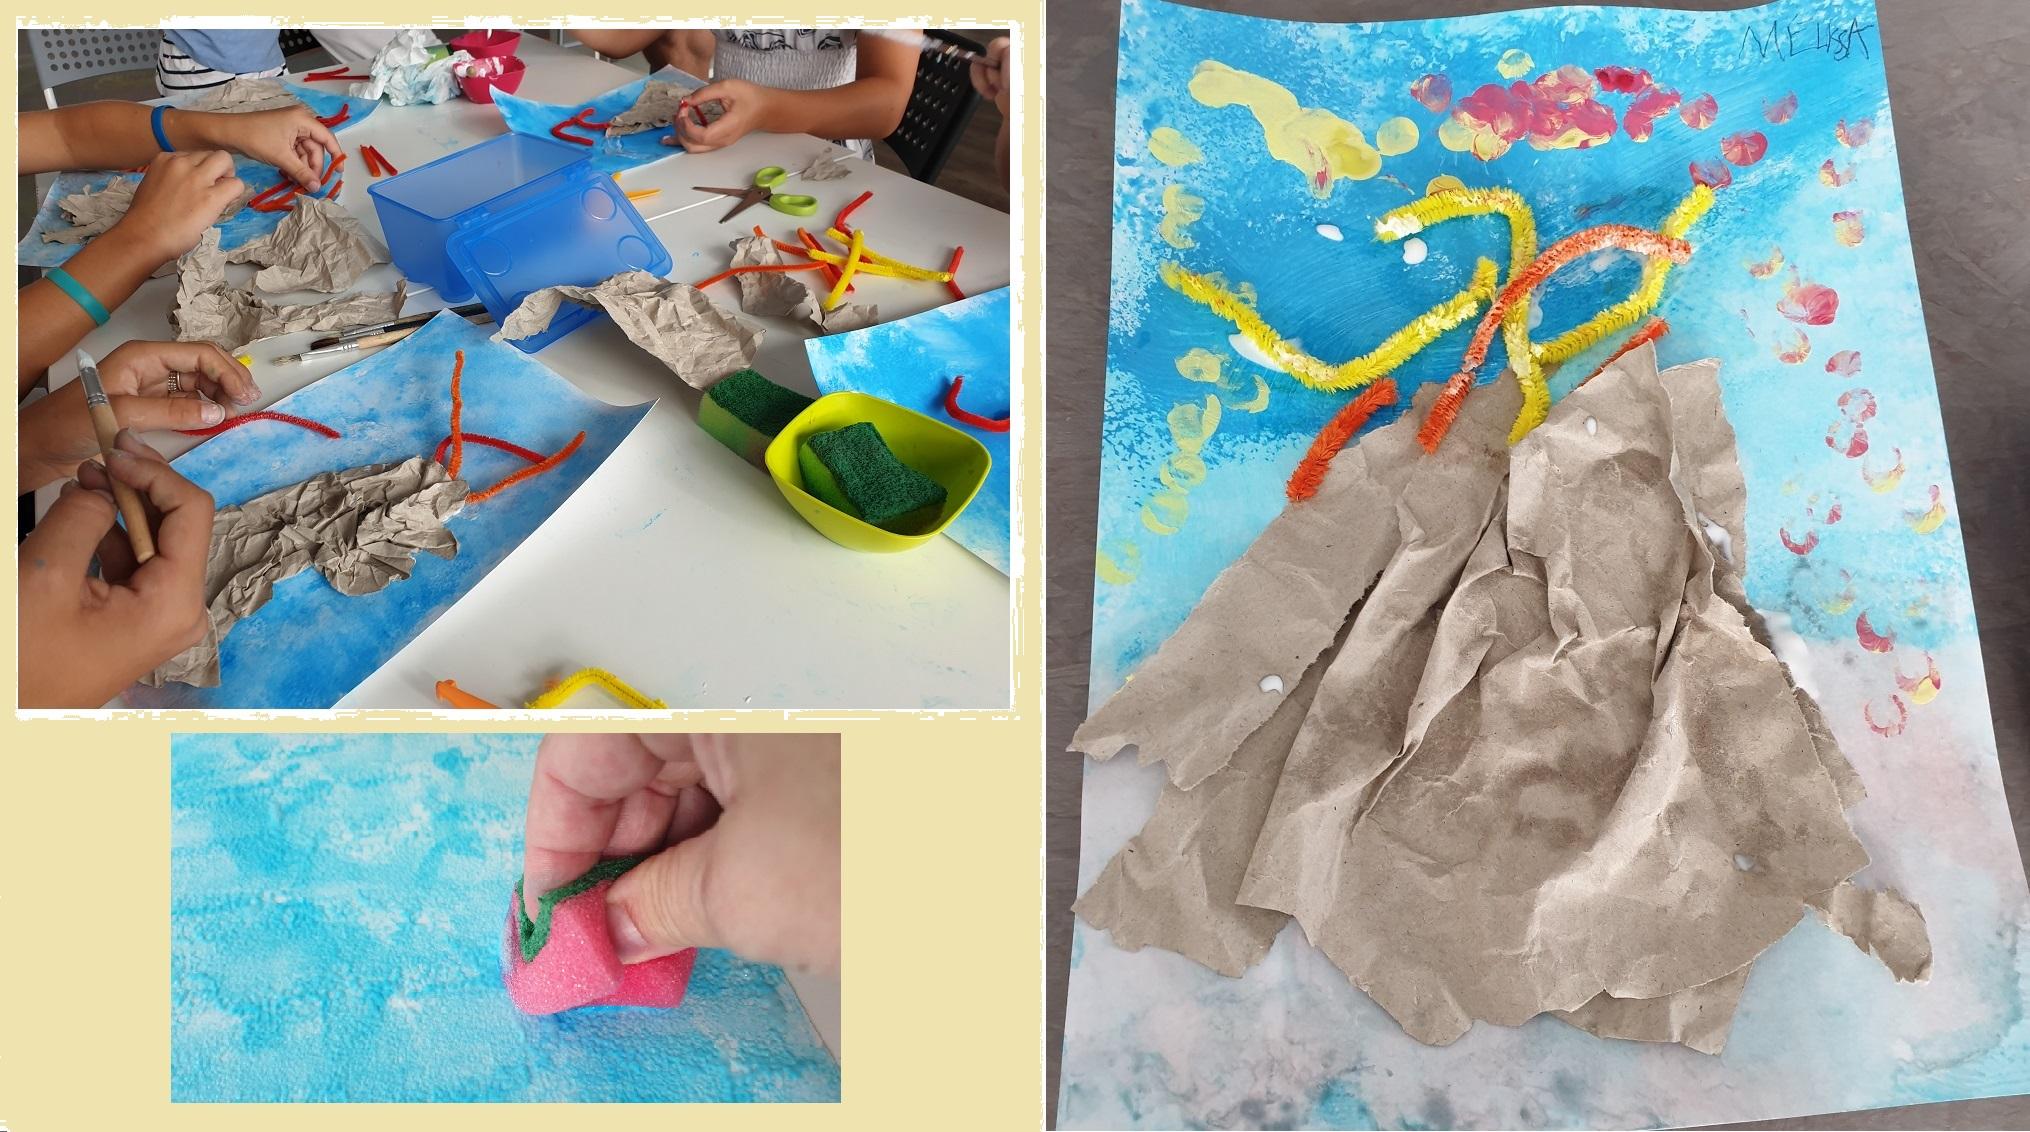 Vulcano Fai Da Te Lavoretto Ed Esperimento Per Bambini Bimbi Creativi